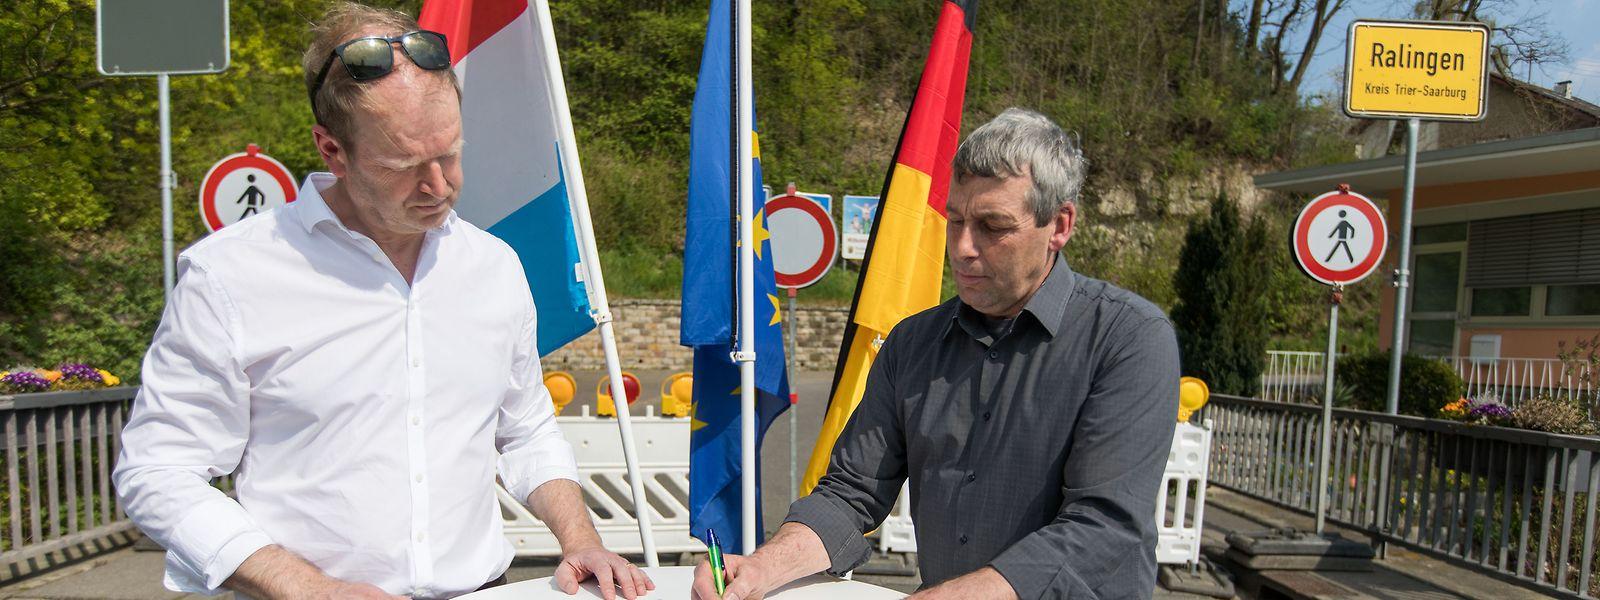 Bürgermeister Romain Osweiler (links) und sein deutscher Kollege Alfred Wirtz setzen ein Zeichen gegen die Grenzschließung.